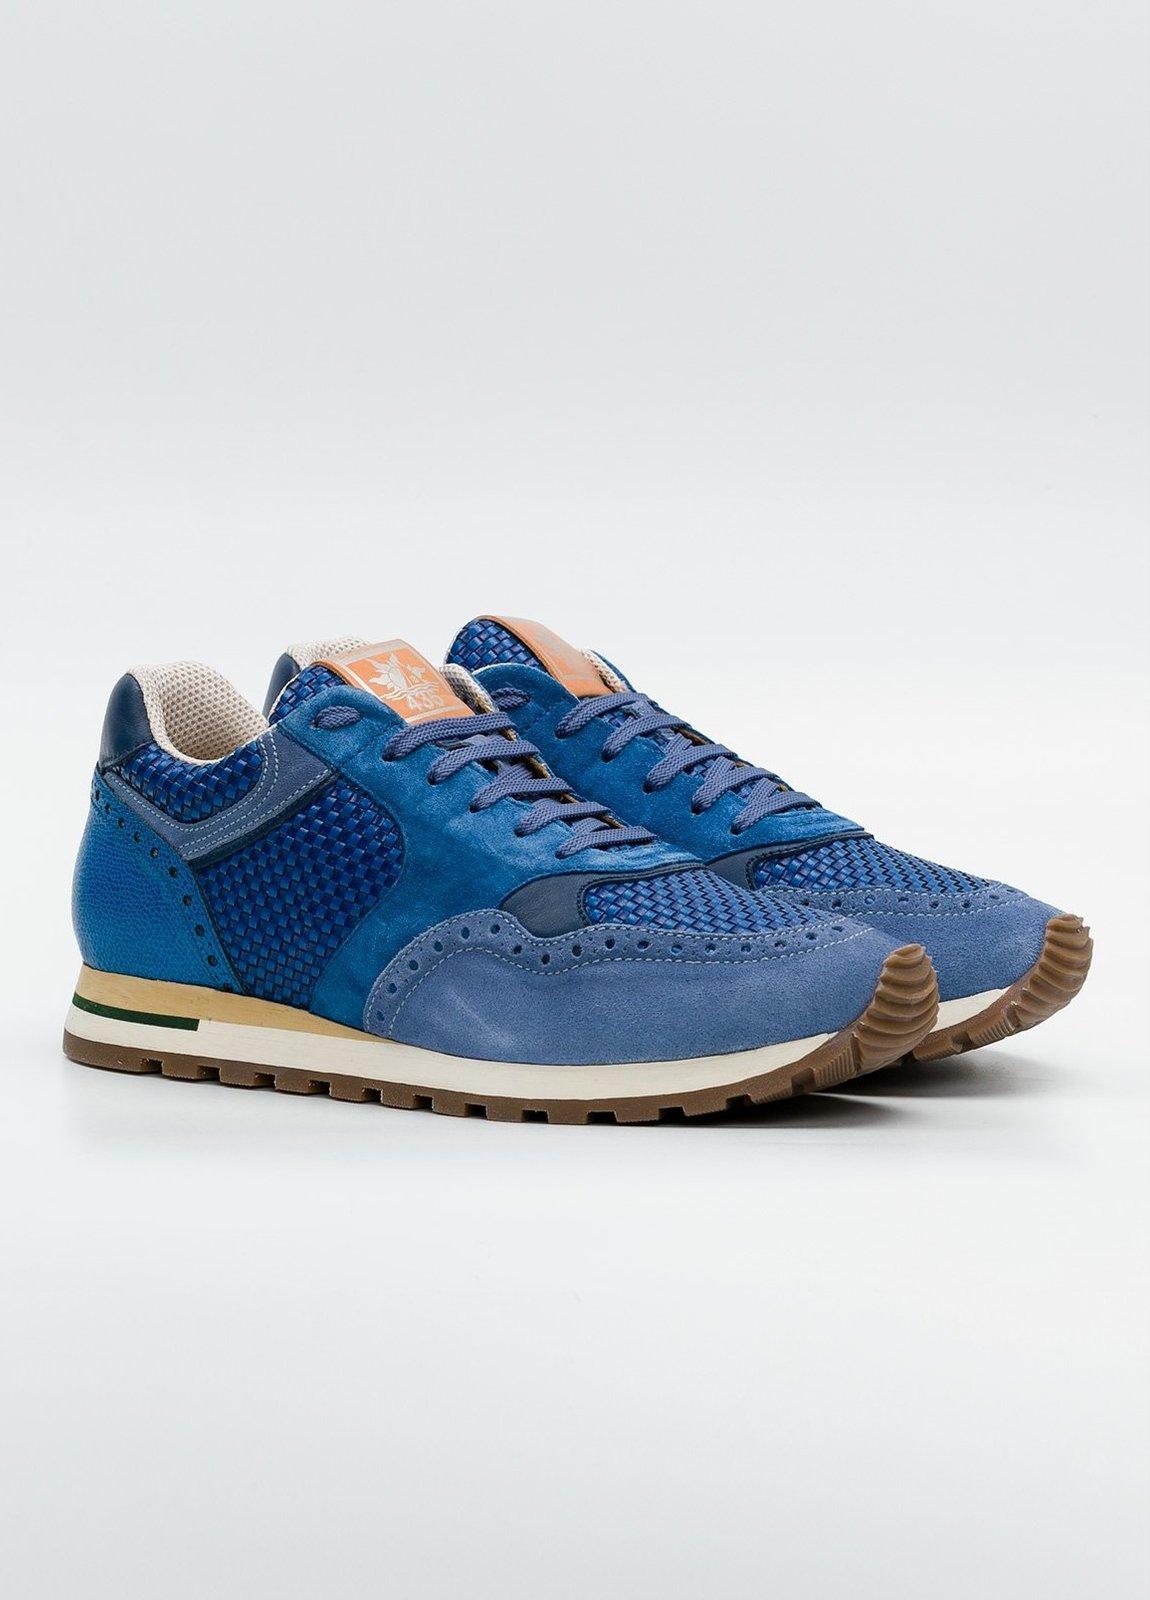 Calzado Sport color azul, serraje y piel. - Ítem2